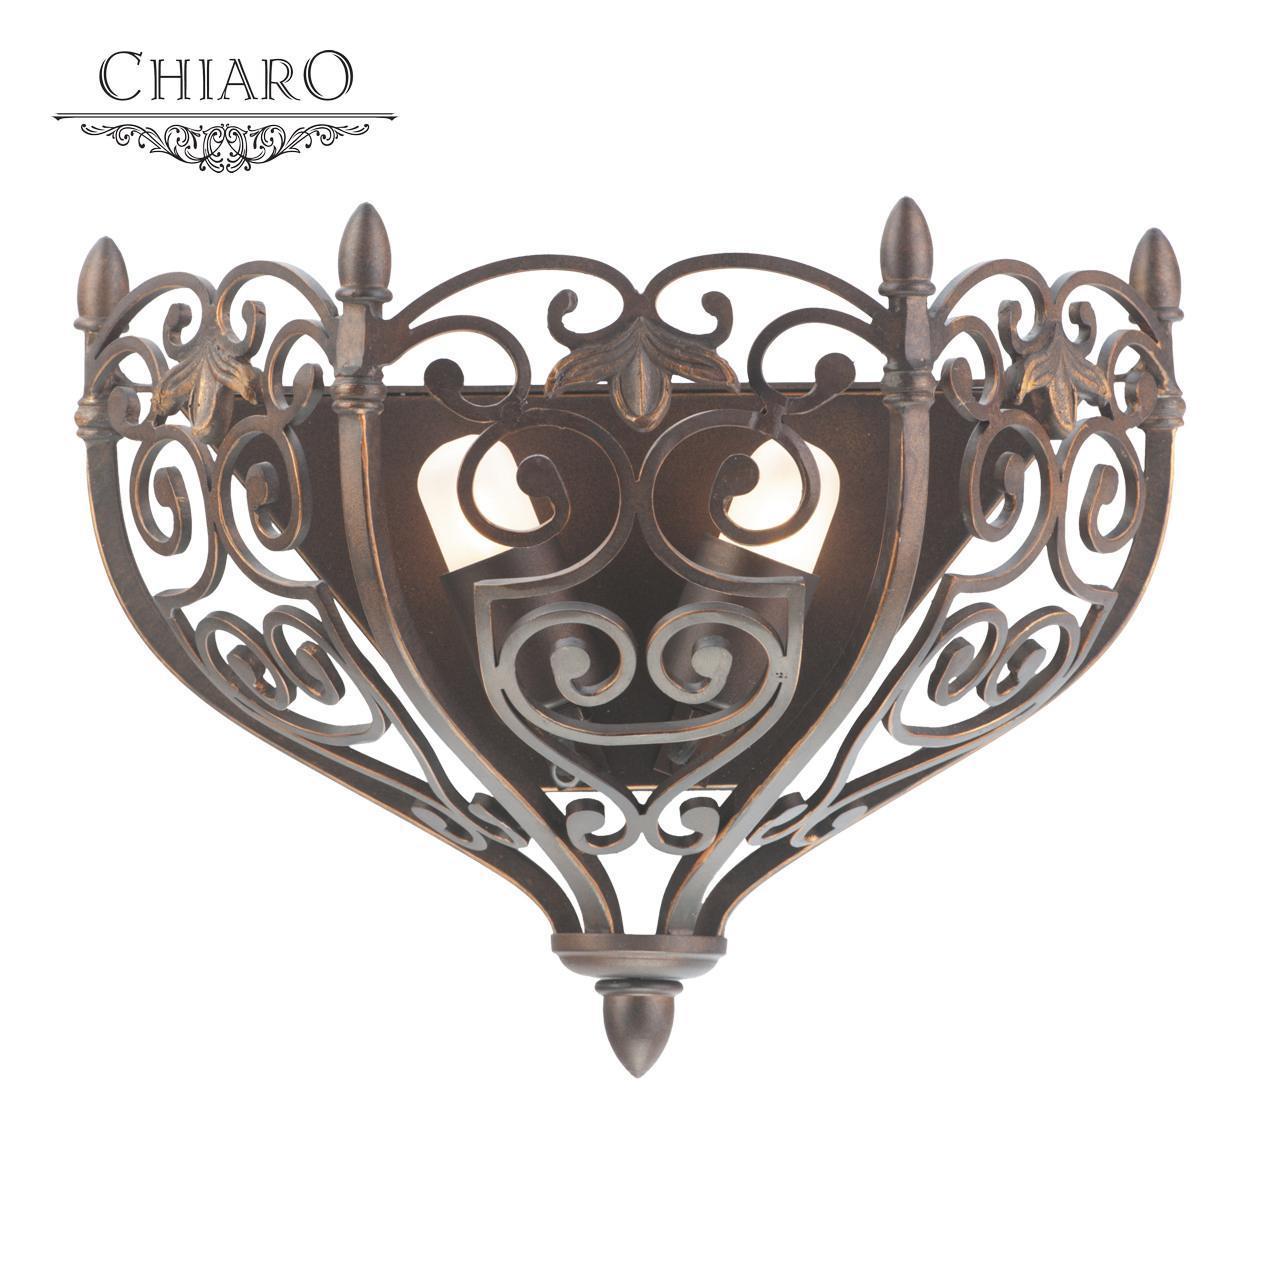 Настенный светильник Chiaro Магдалина 389021402 настенный светильник chiaro магдалина 389020802